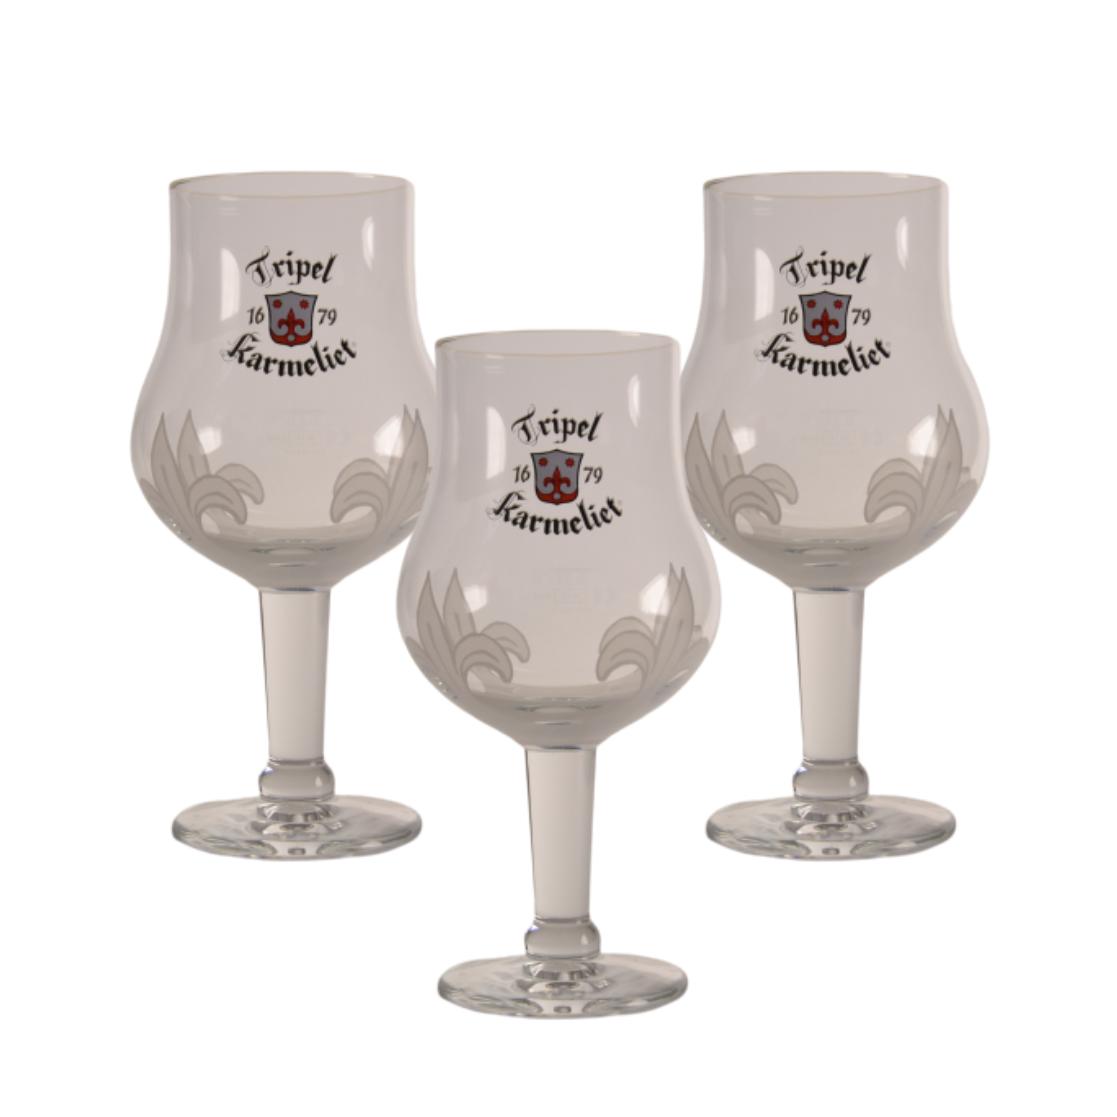 33cl Karmeliet Tripel Belgium Beer Glass